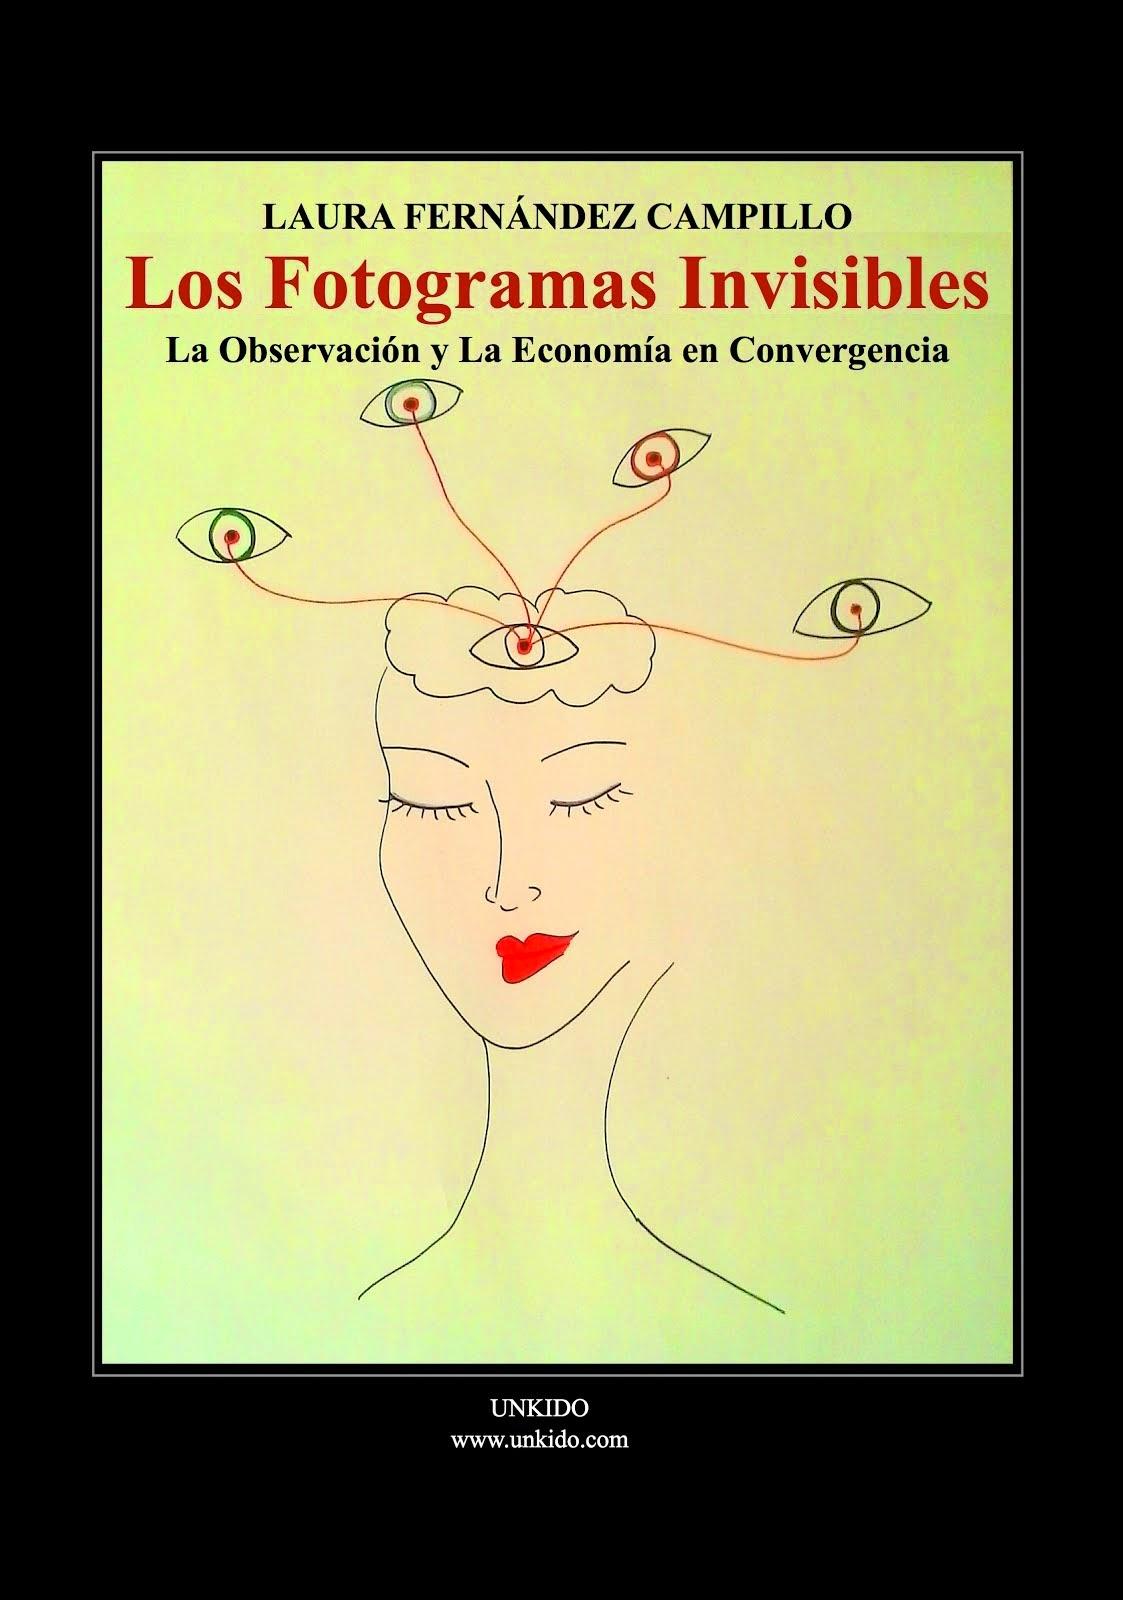 Los Fotogramas Invisibles